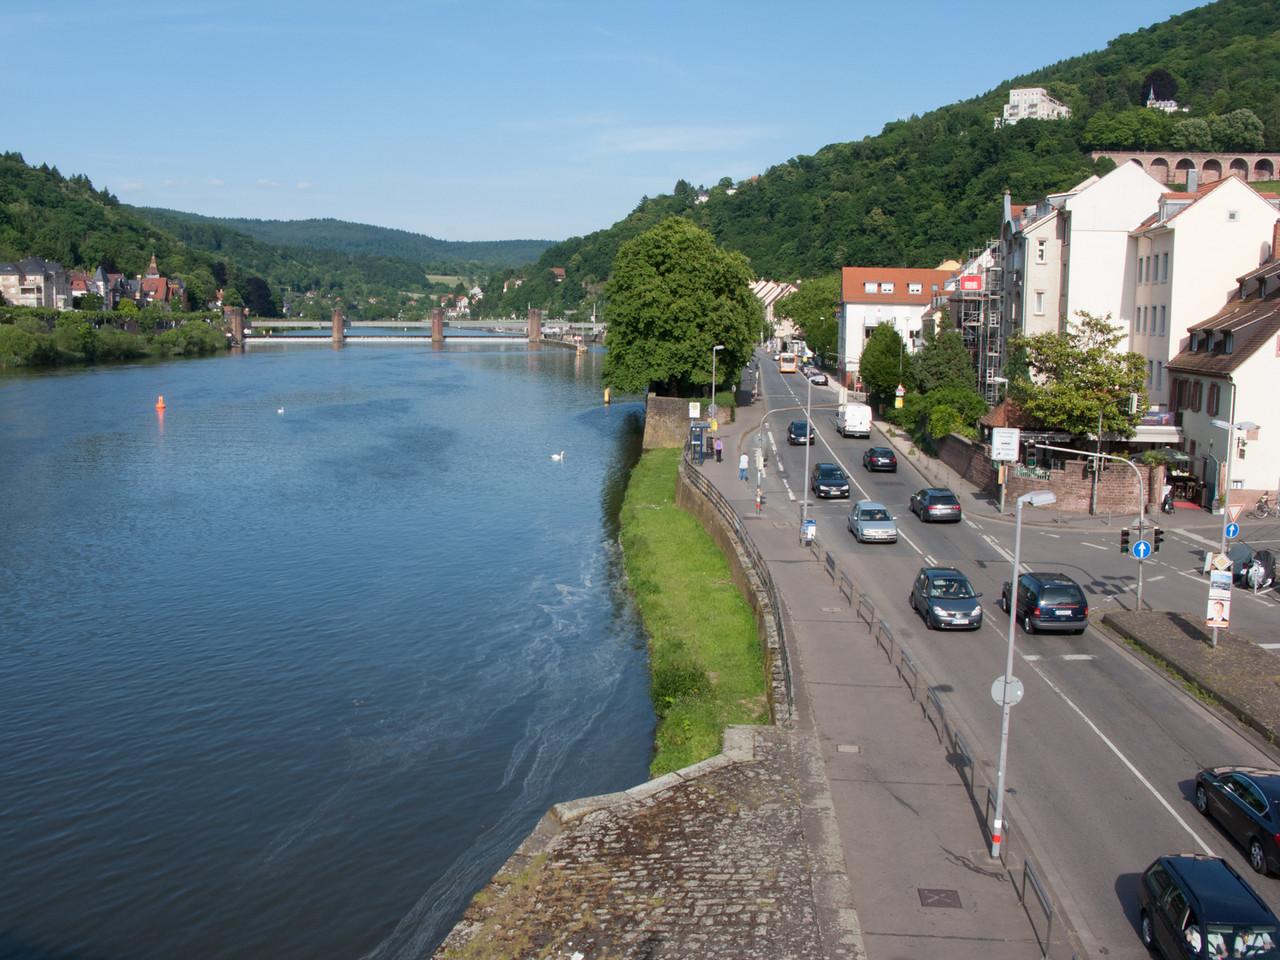 heidelberg_2014-05-20_1034